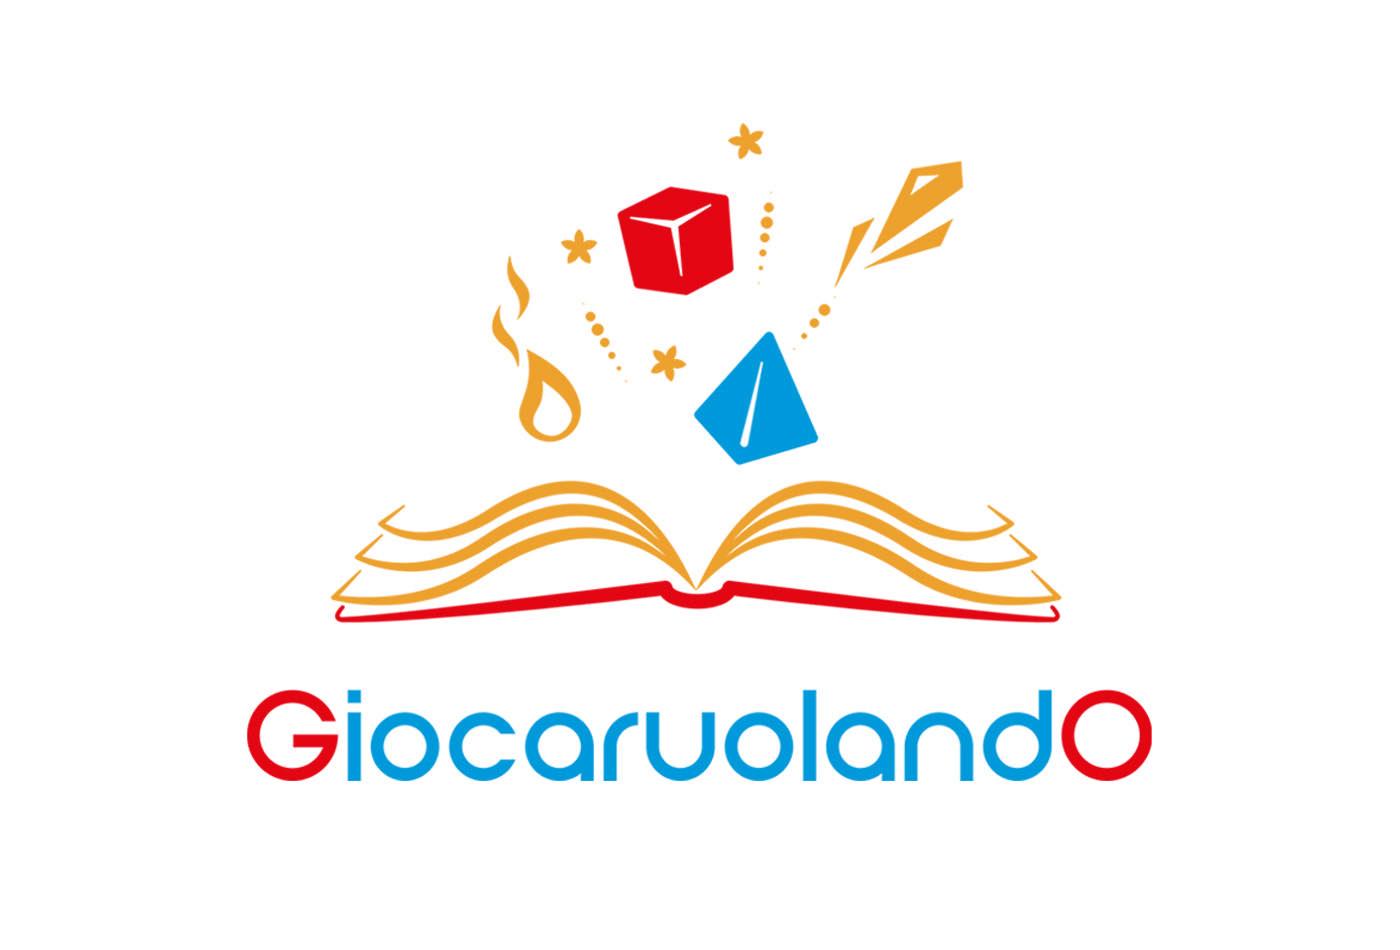 Gicoaruolando Logo with Colors